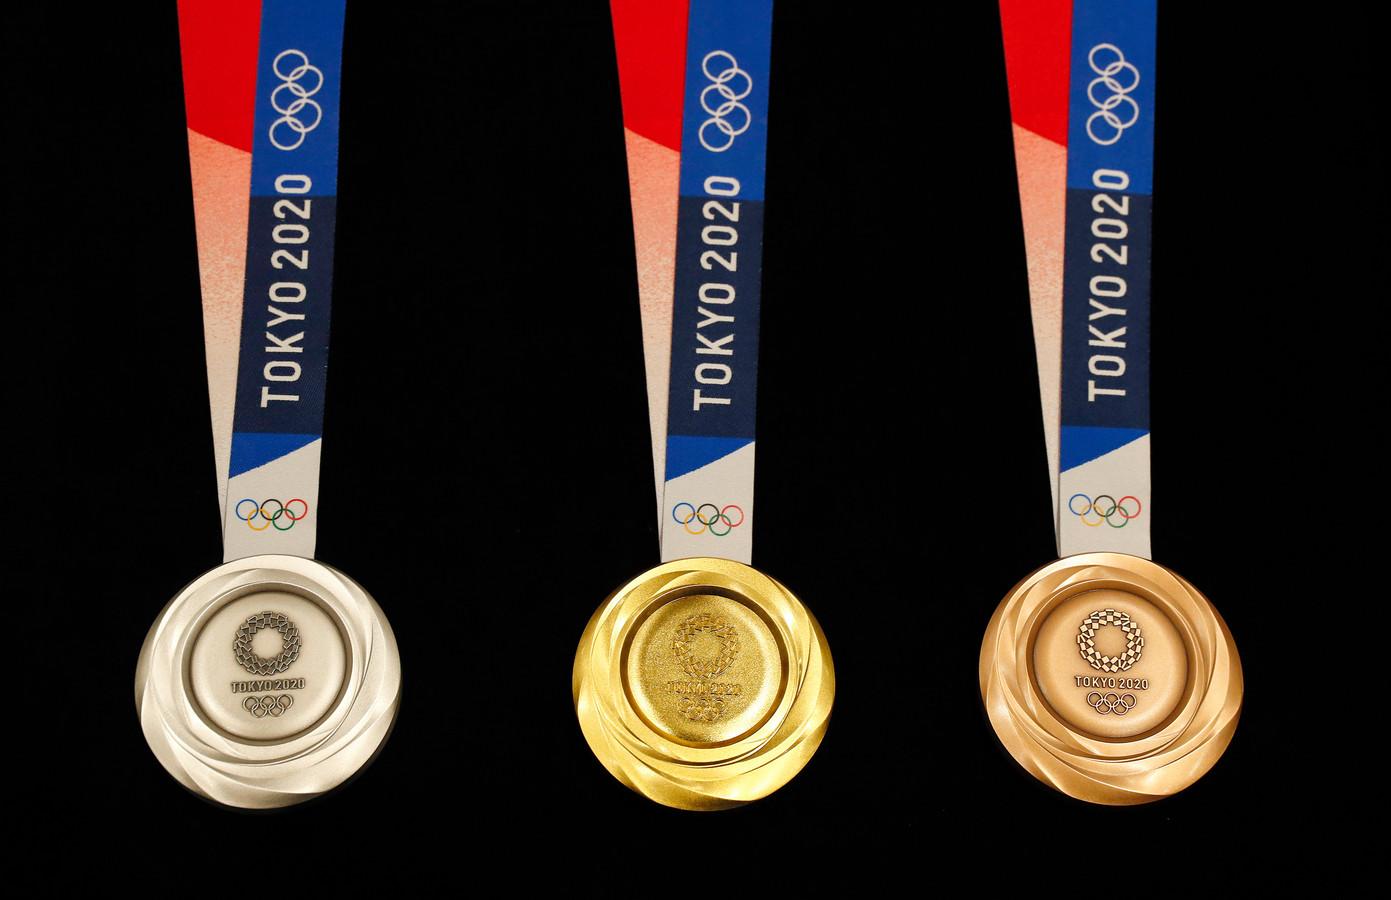 Vlnr: De zilveren, gouden en bronzen medailles voor Tokio.